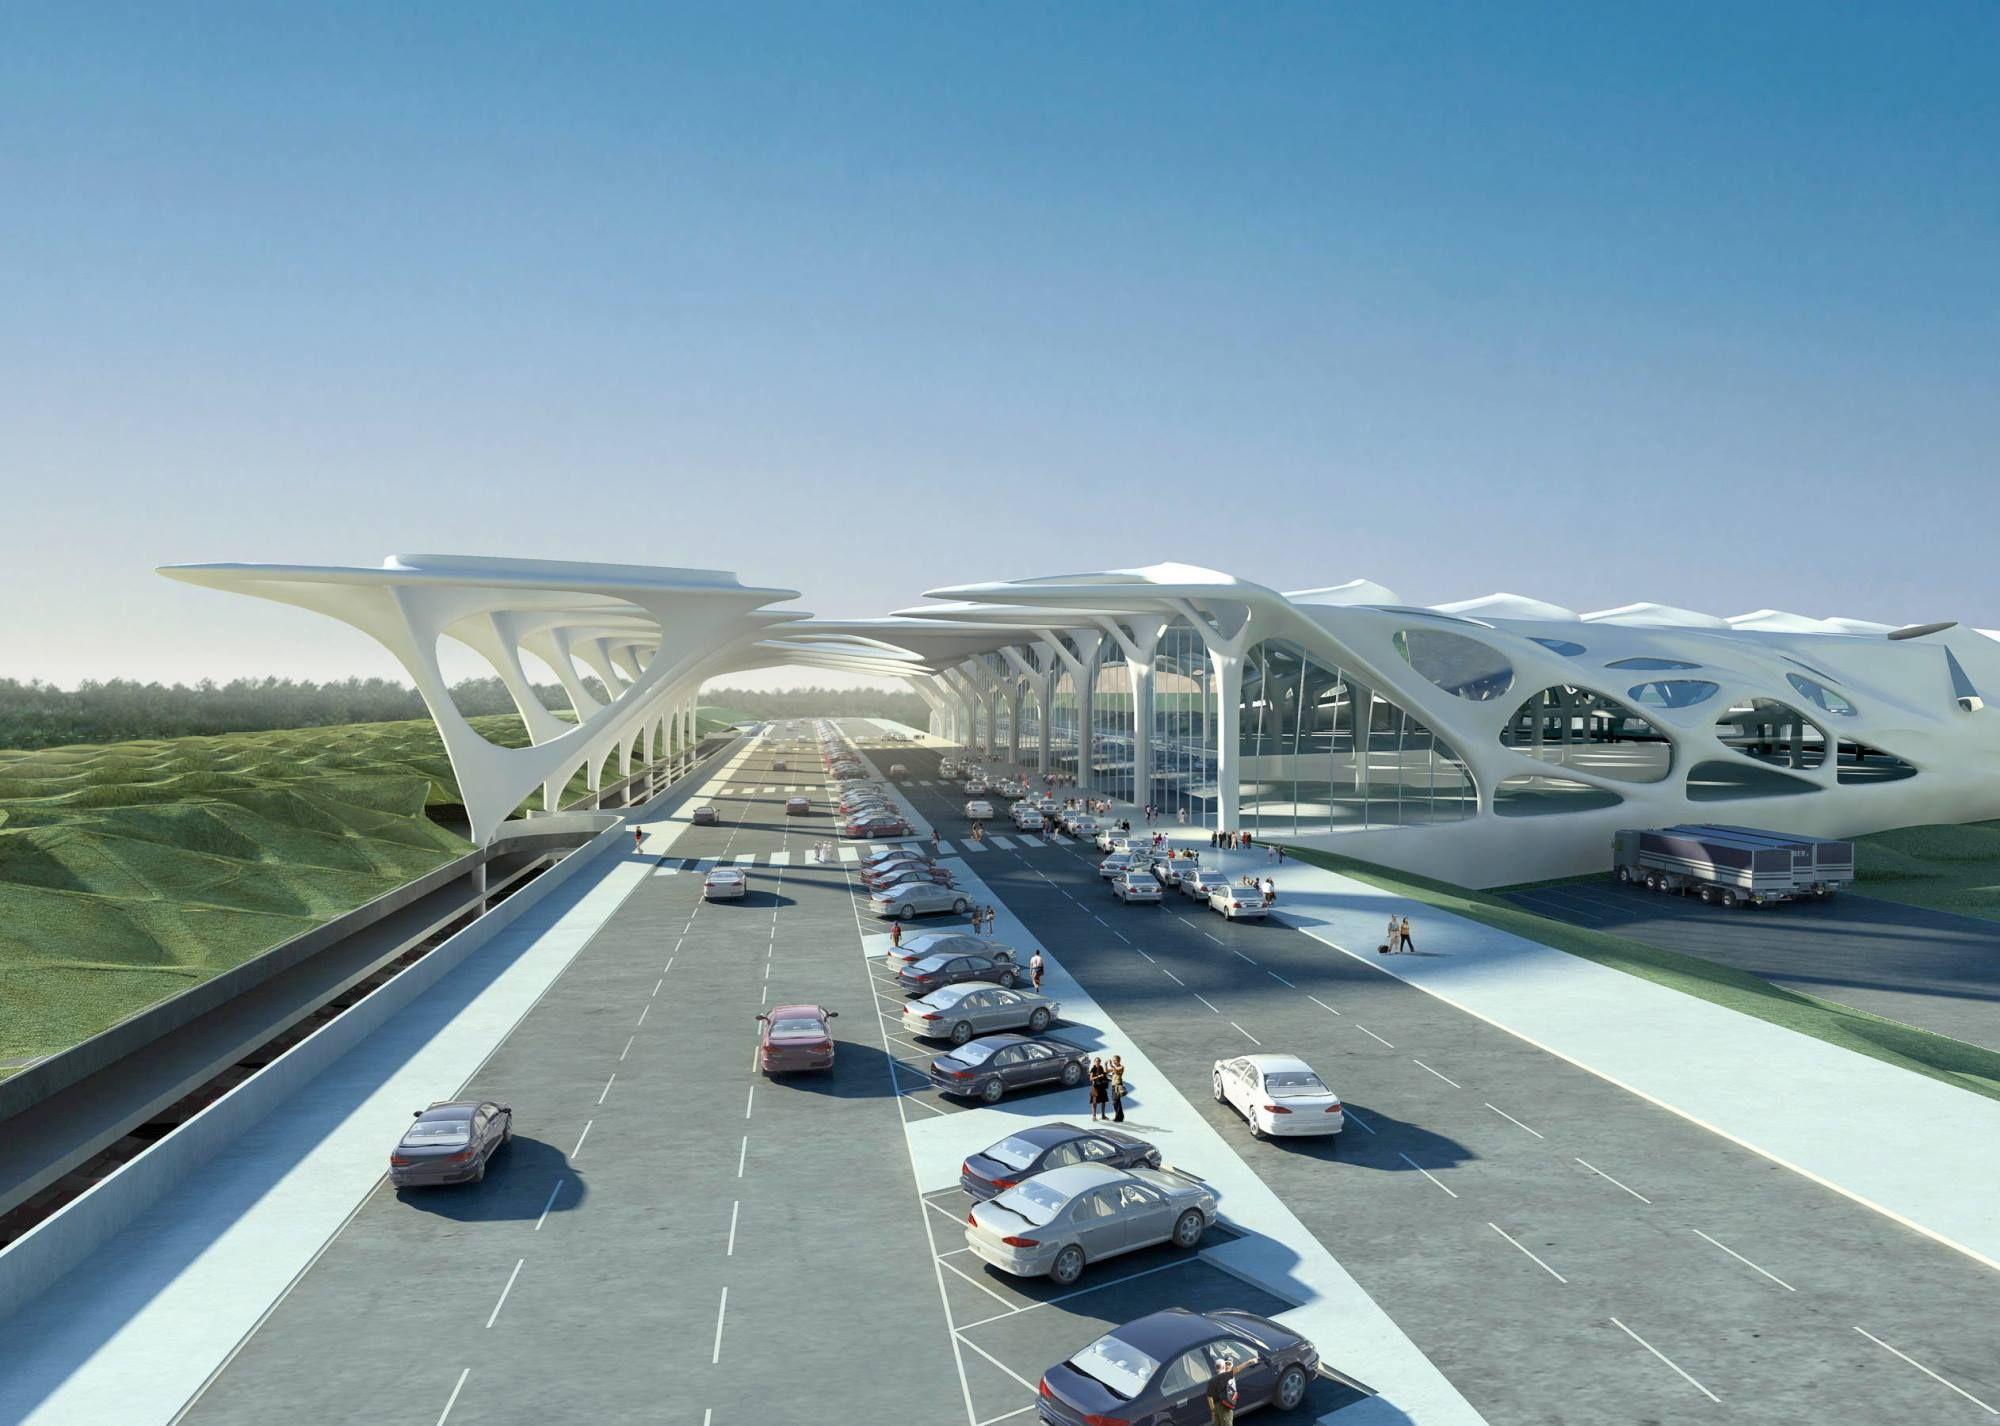 Zagreb Airport By Zaha Hadid Zaha Hadid Architects Zaha Hadid Architecture Zaha Hadid